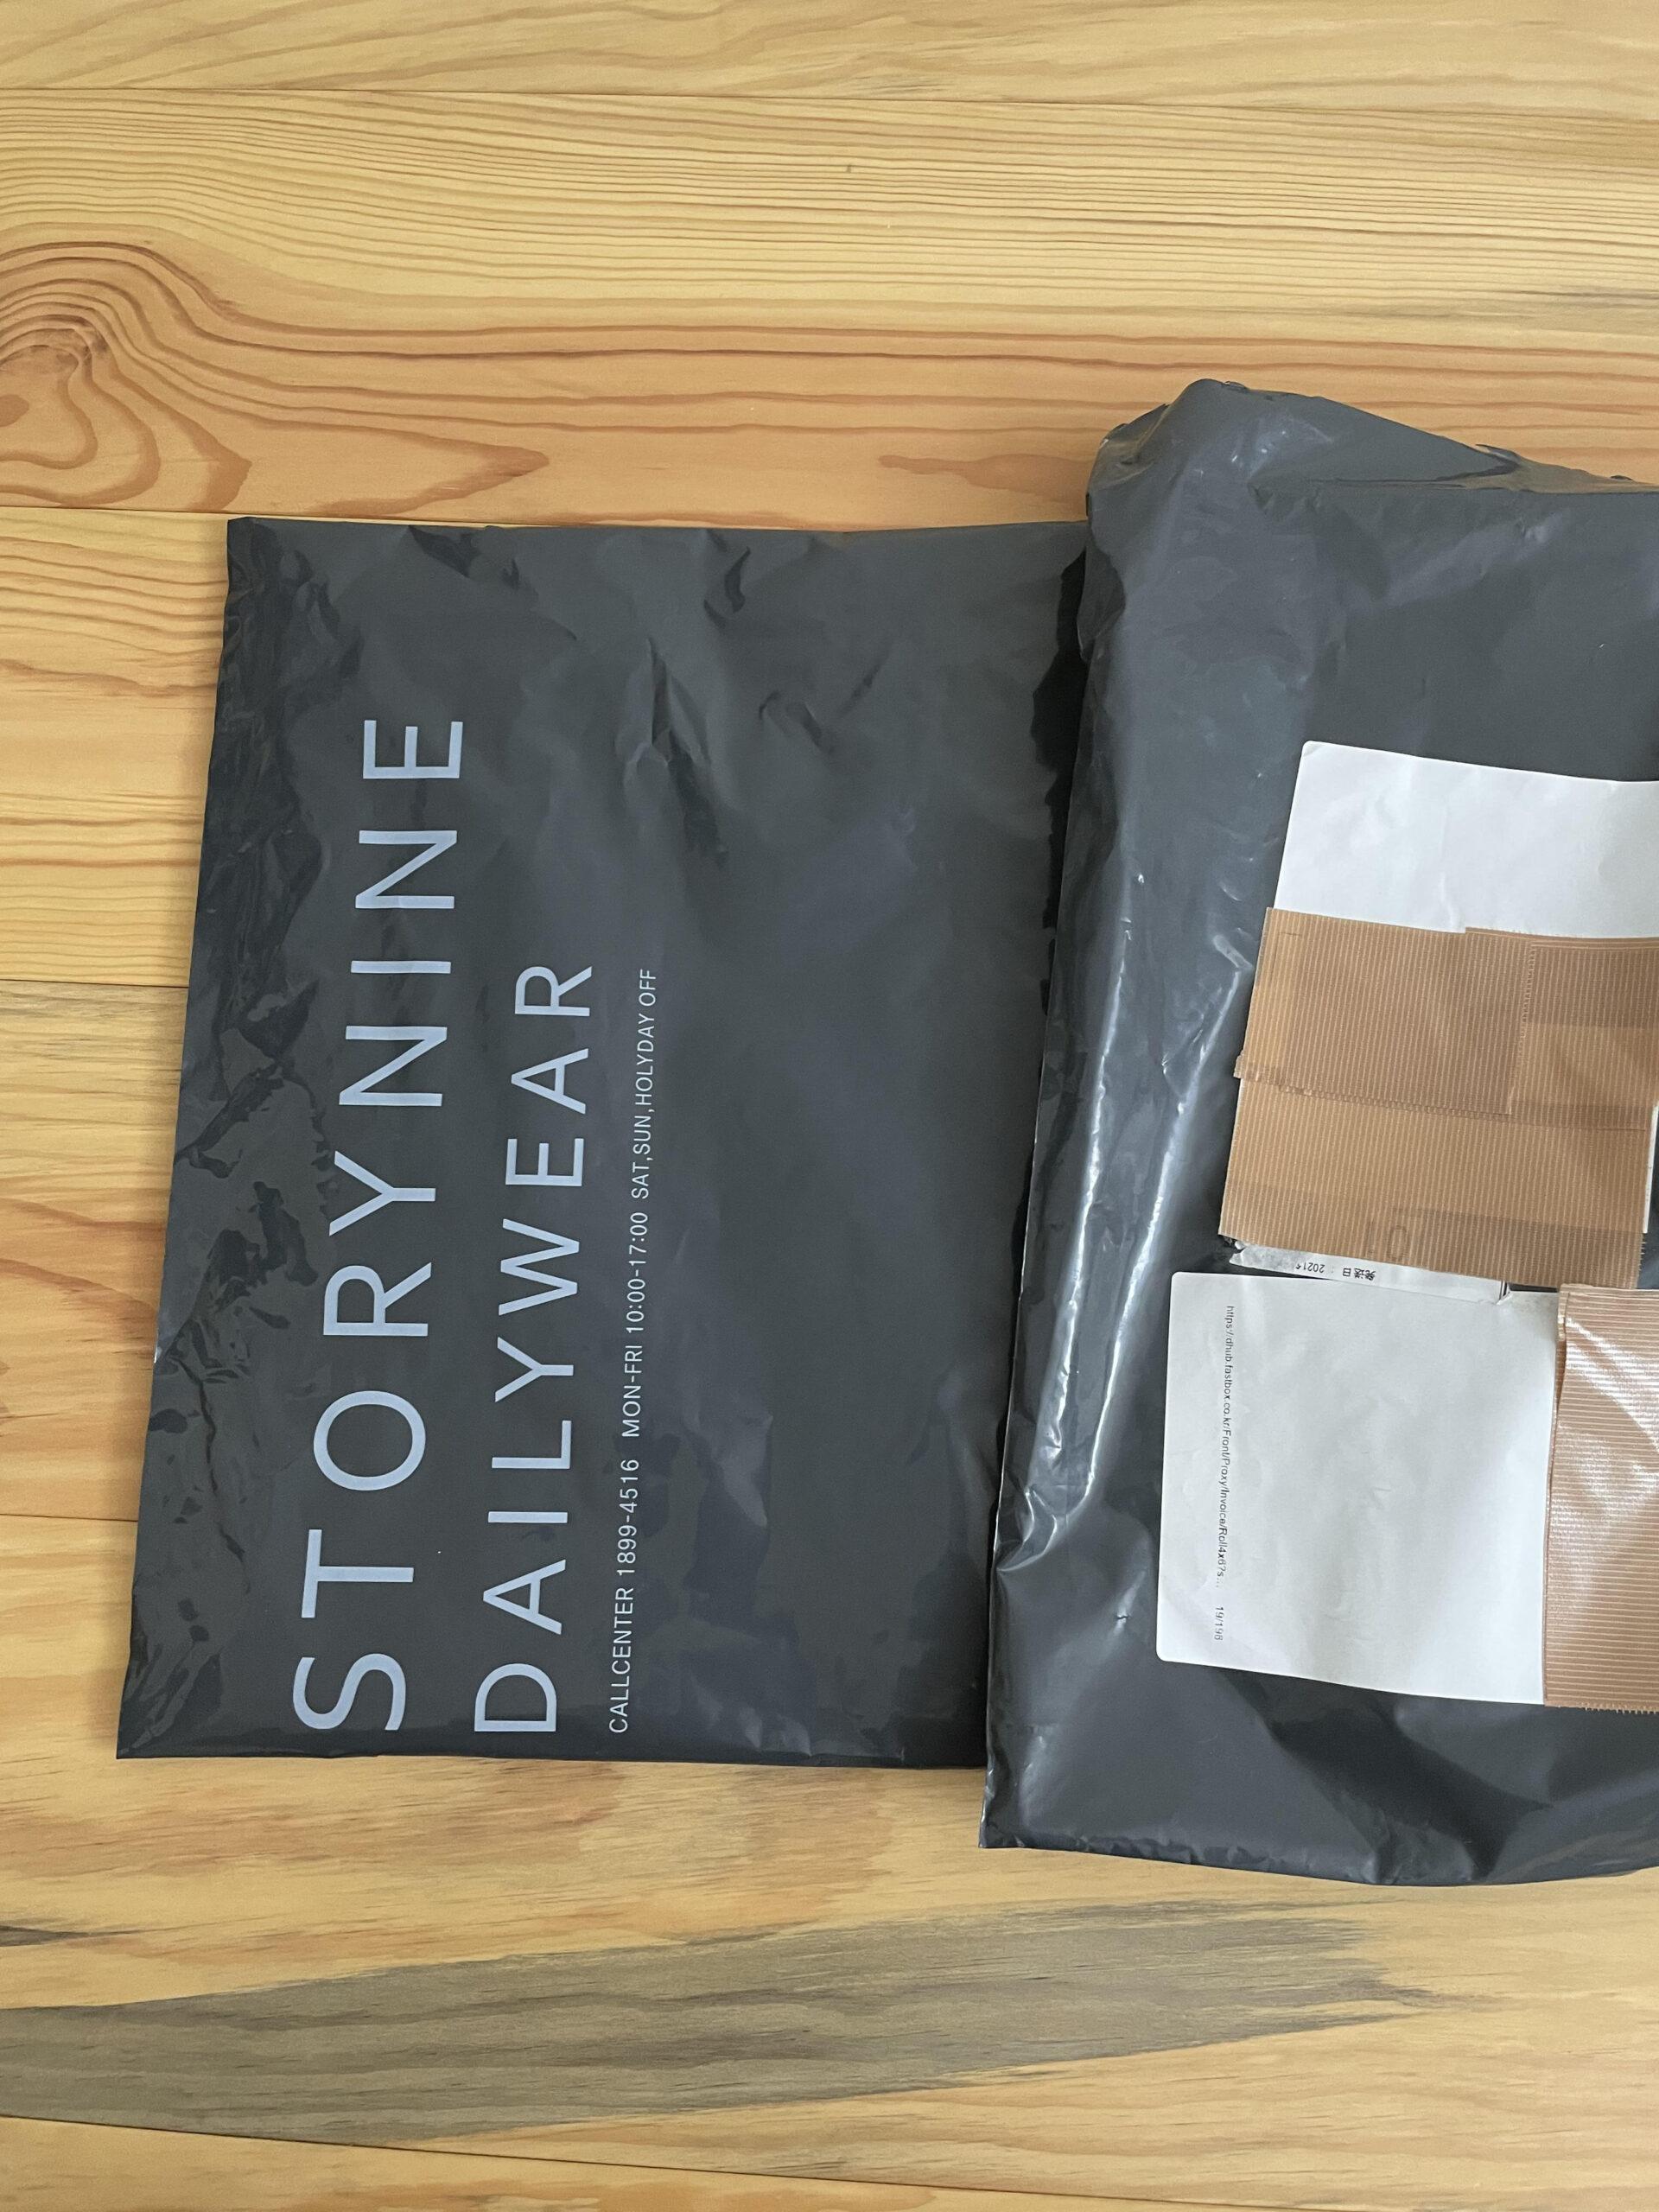 商品の入っている外の袋が2重になっているのは好印象